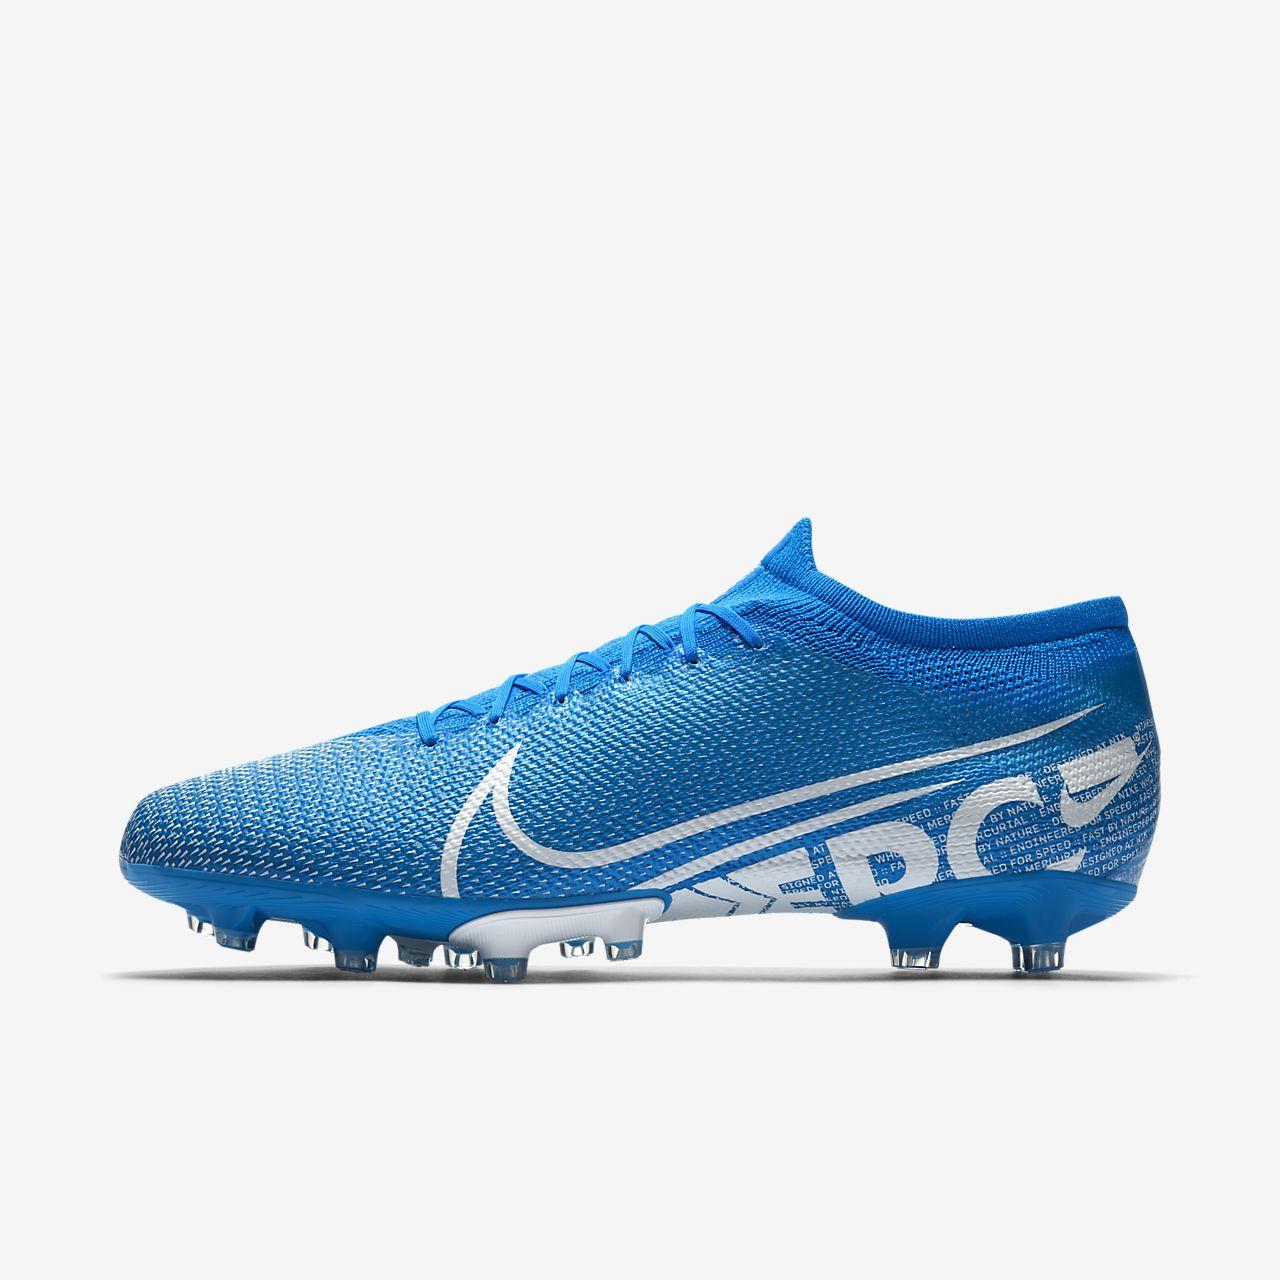 Chaussure de football à crampons pour terrain synthétique Nike Mercurial Vapor 13 Pro AG-PRO